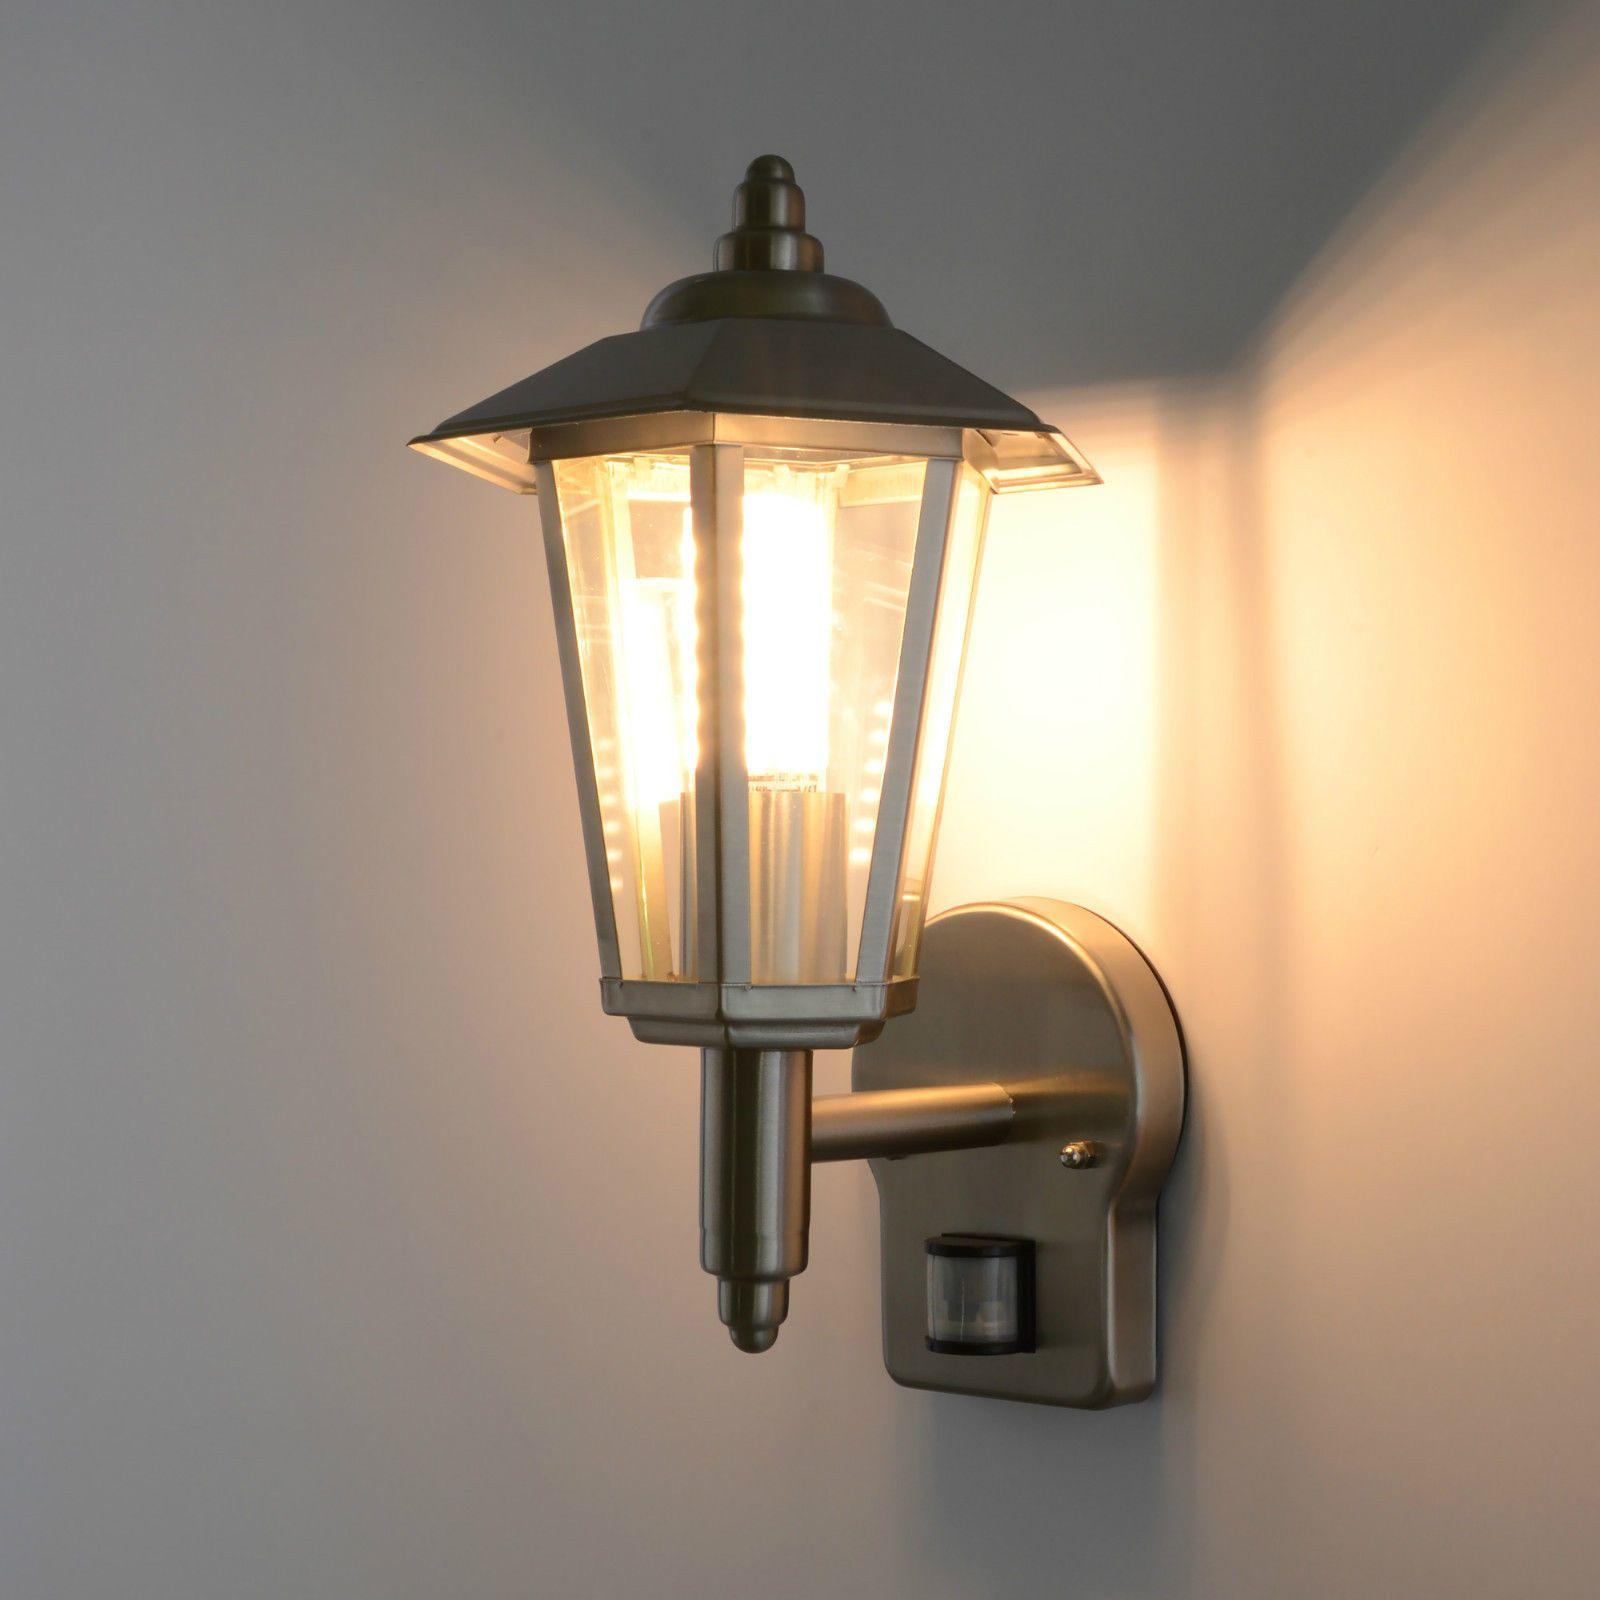 Details zu Außenleuchte LED Außenlampe Wandlampe ...